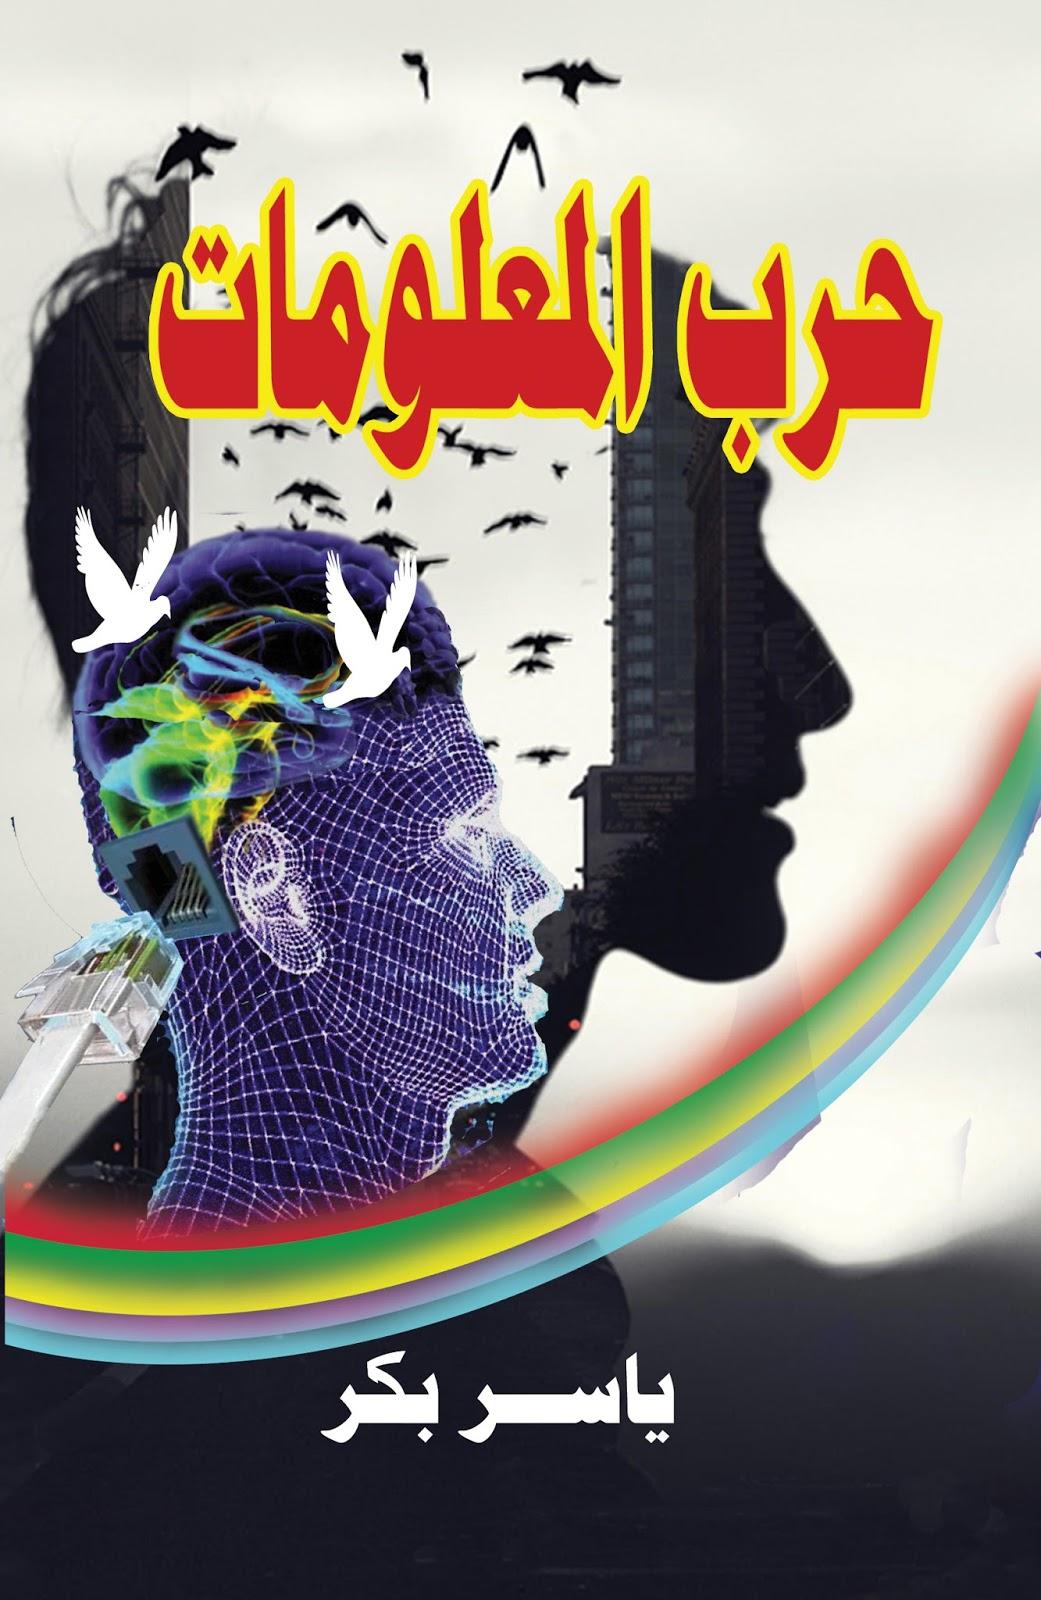 56d4c6d2e3498 حكايات تافهه جداً  كتاب حرب المعلومات ، ياسر بكر بصيغة Word